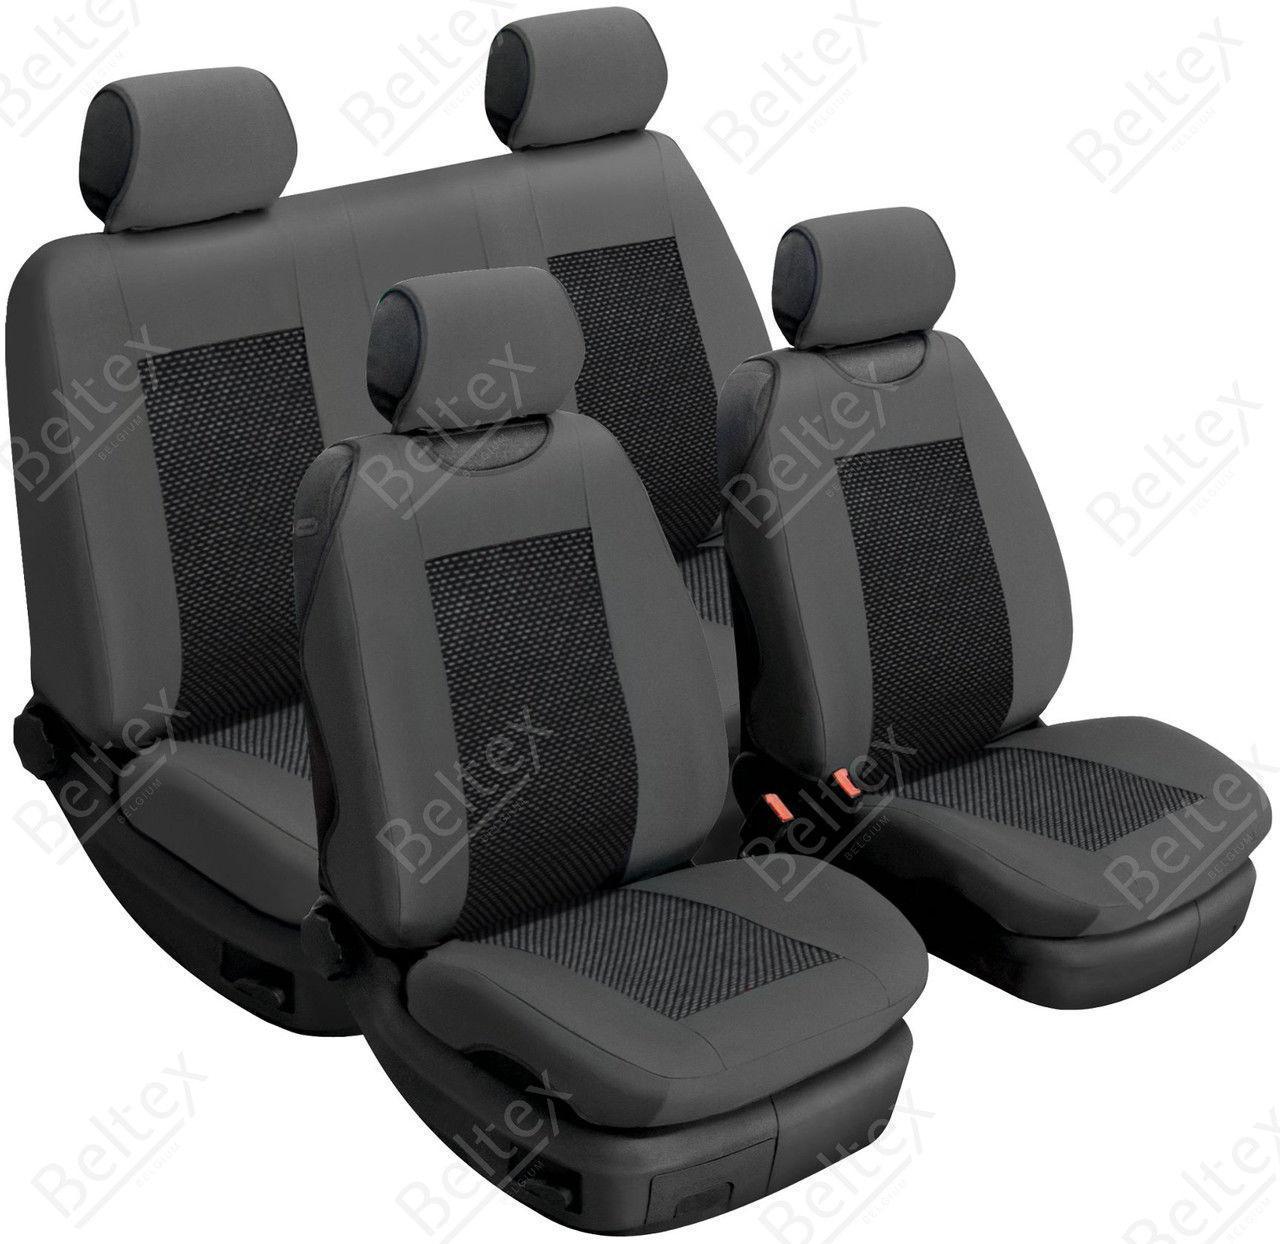 Майки/чехлы на сиденья Рено Меган (Renault Megane)